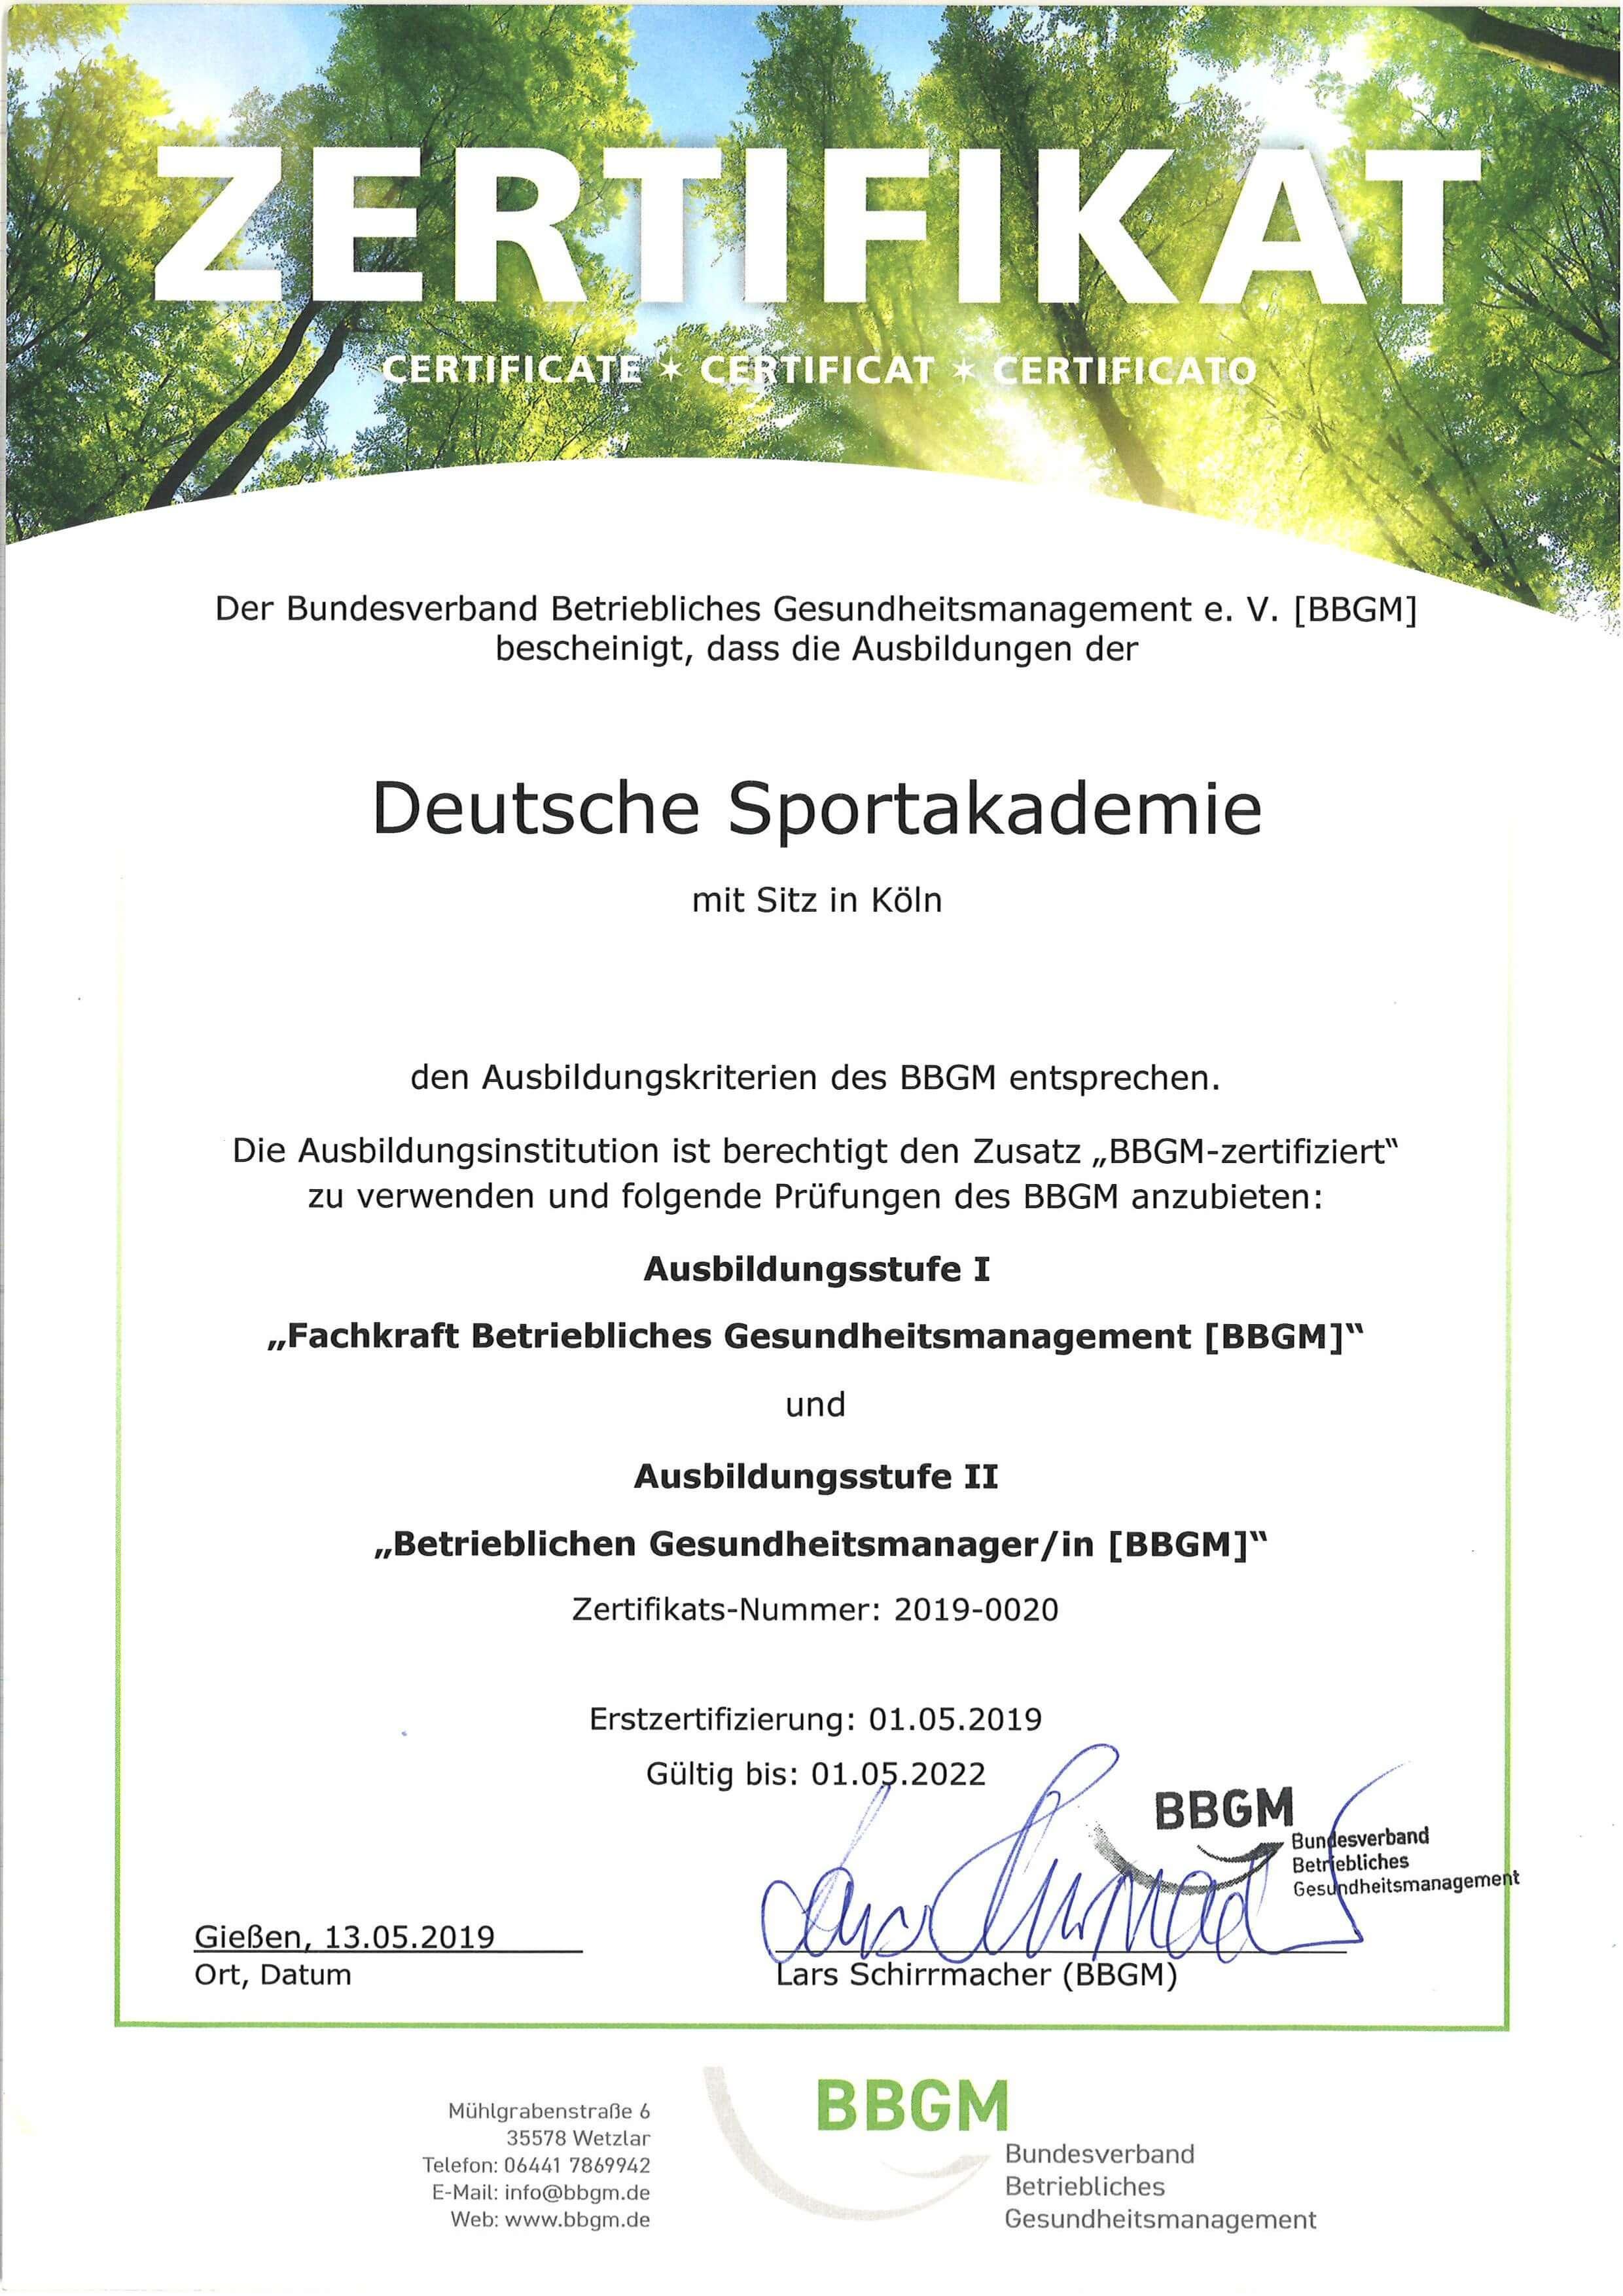 Zertifikat BBGM Deutsche Sportakademie